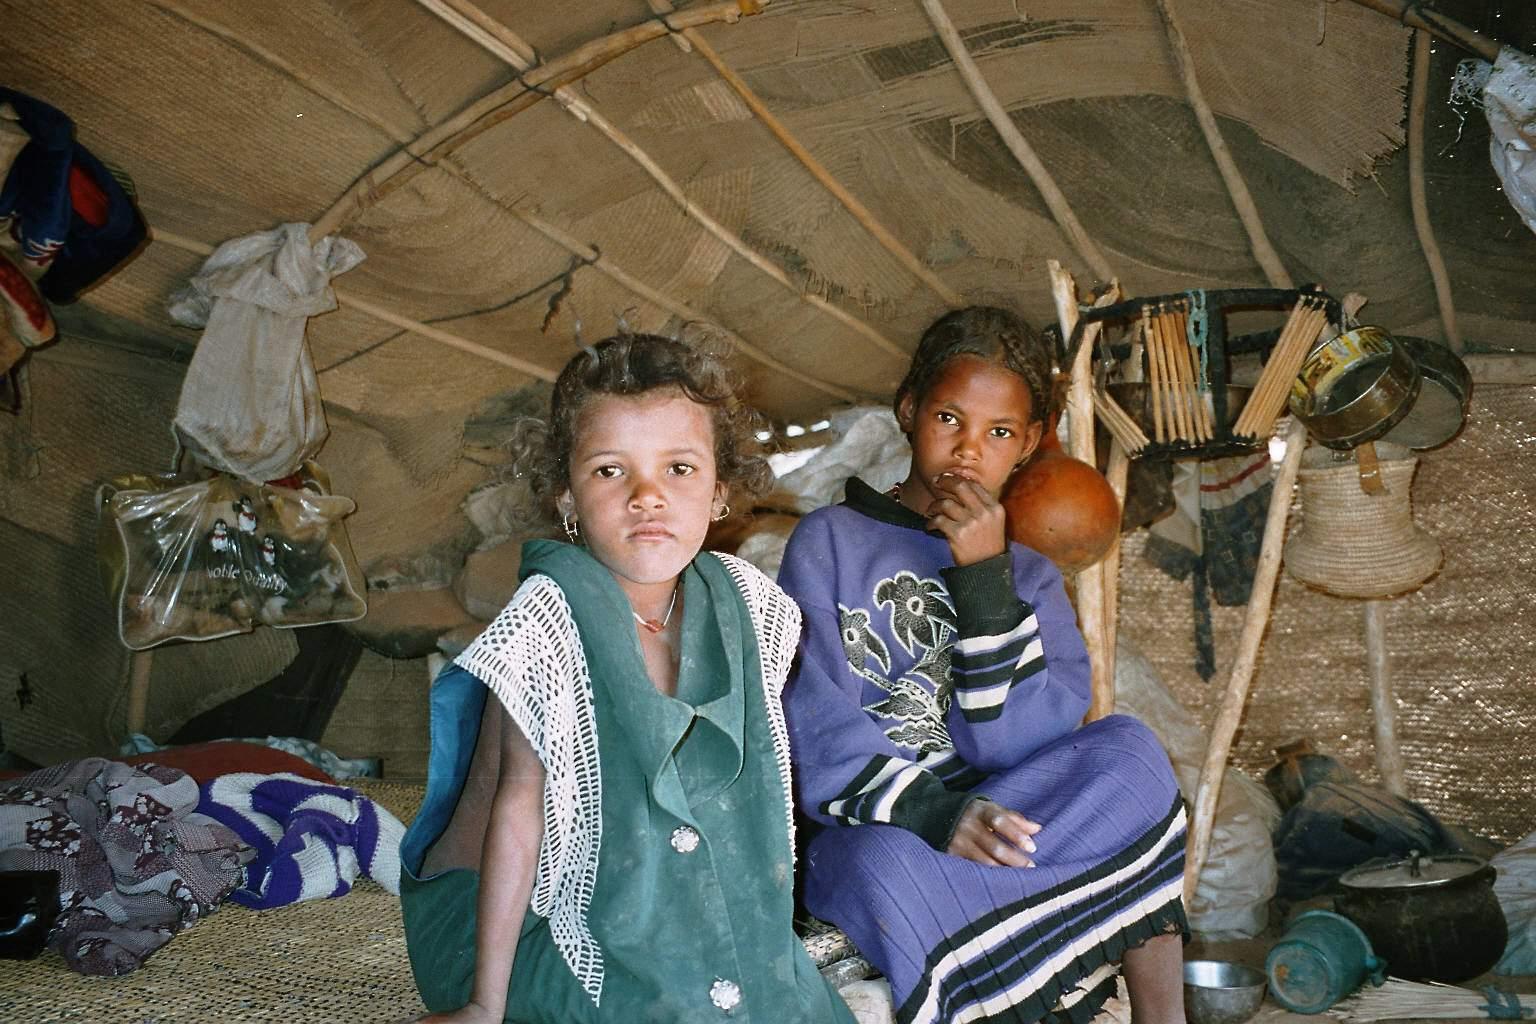 enfants touaregs dans leur tente nomade